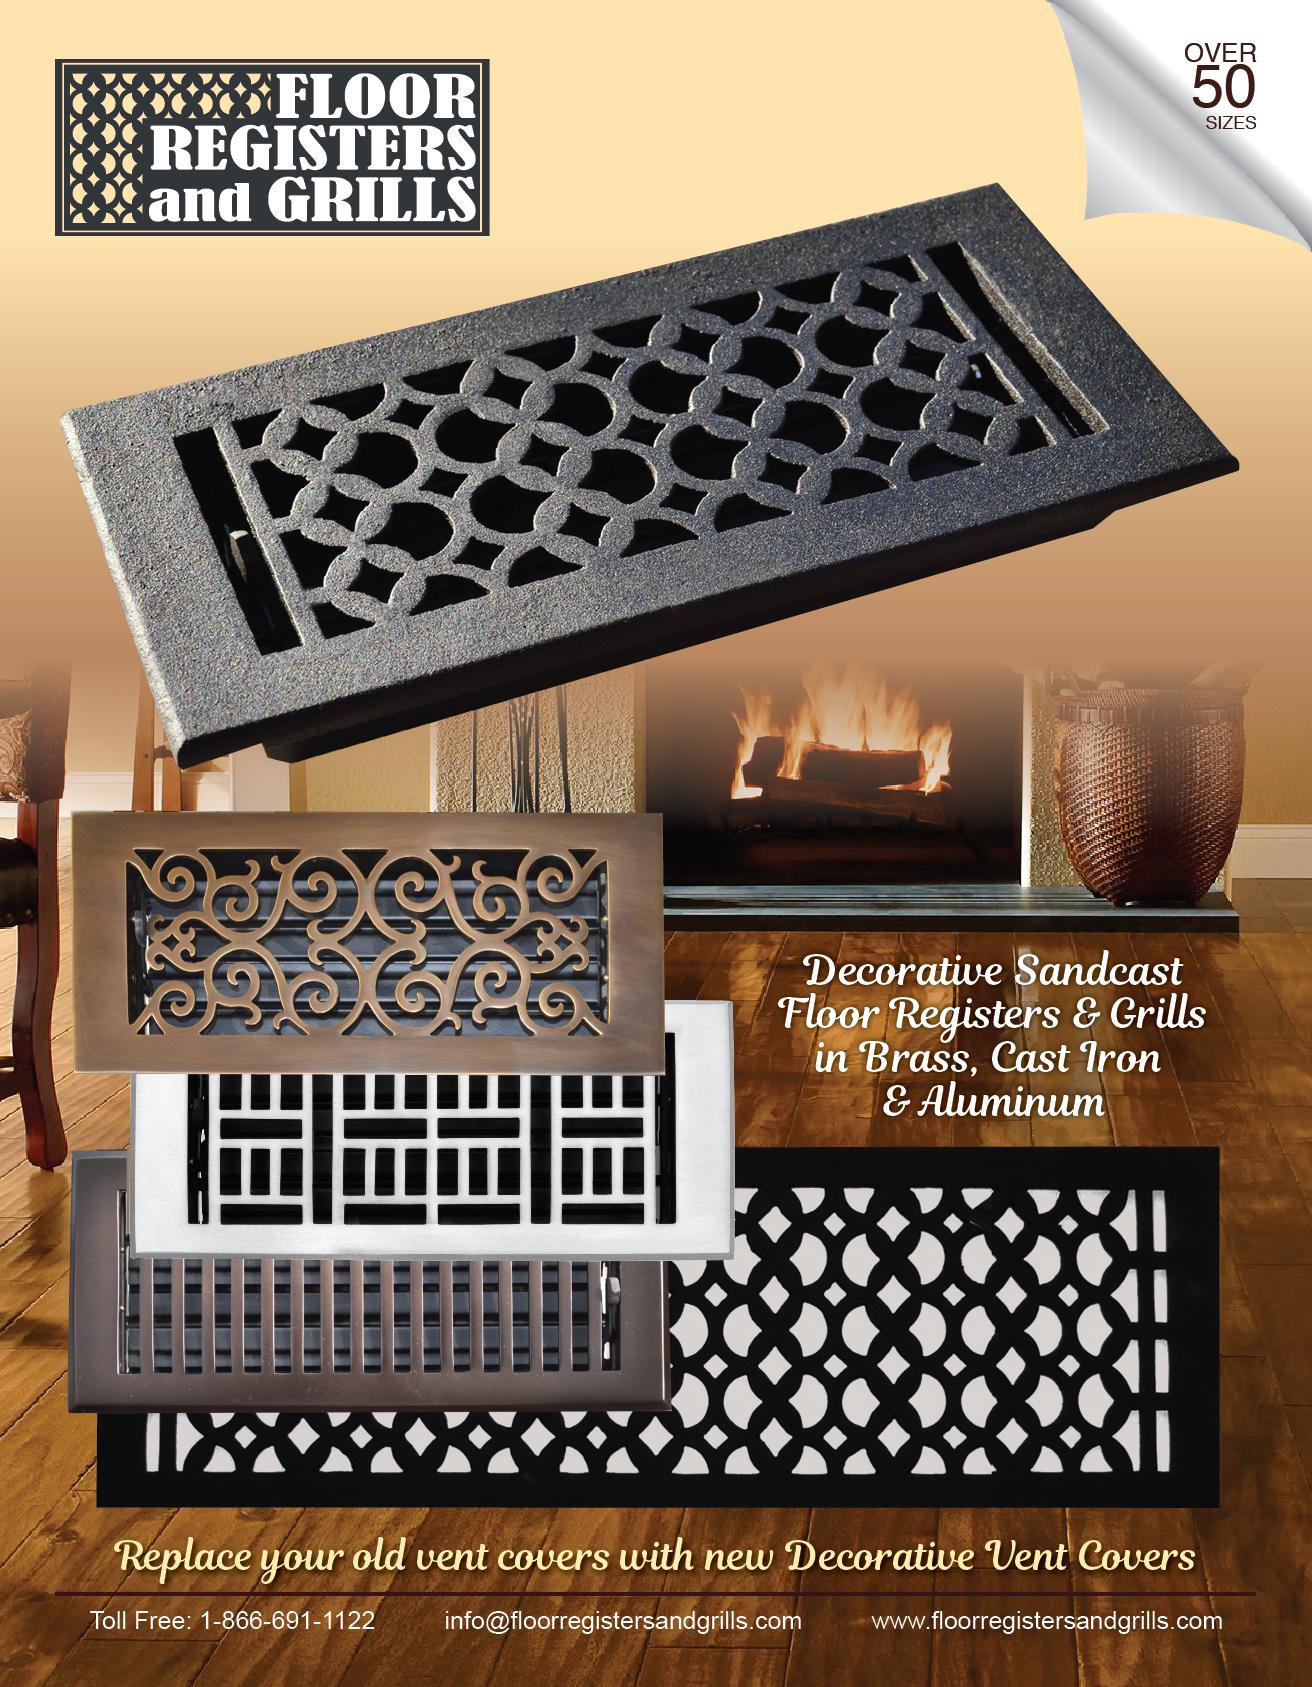 co works wood floor registers aetherair vents asli grill